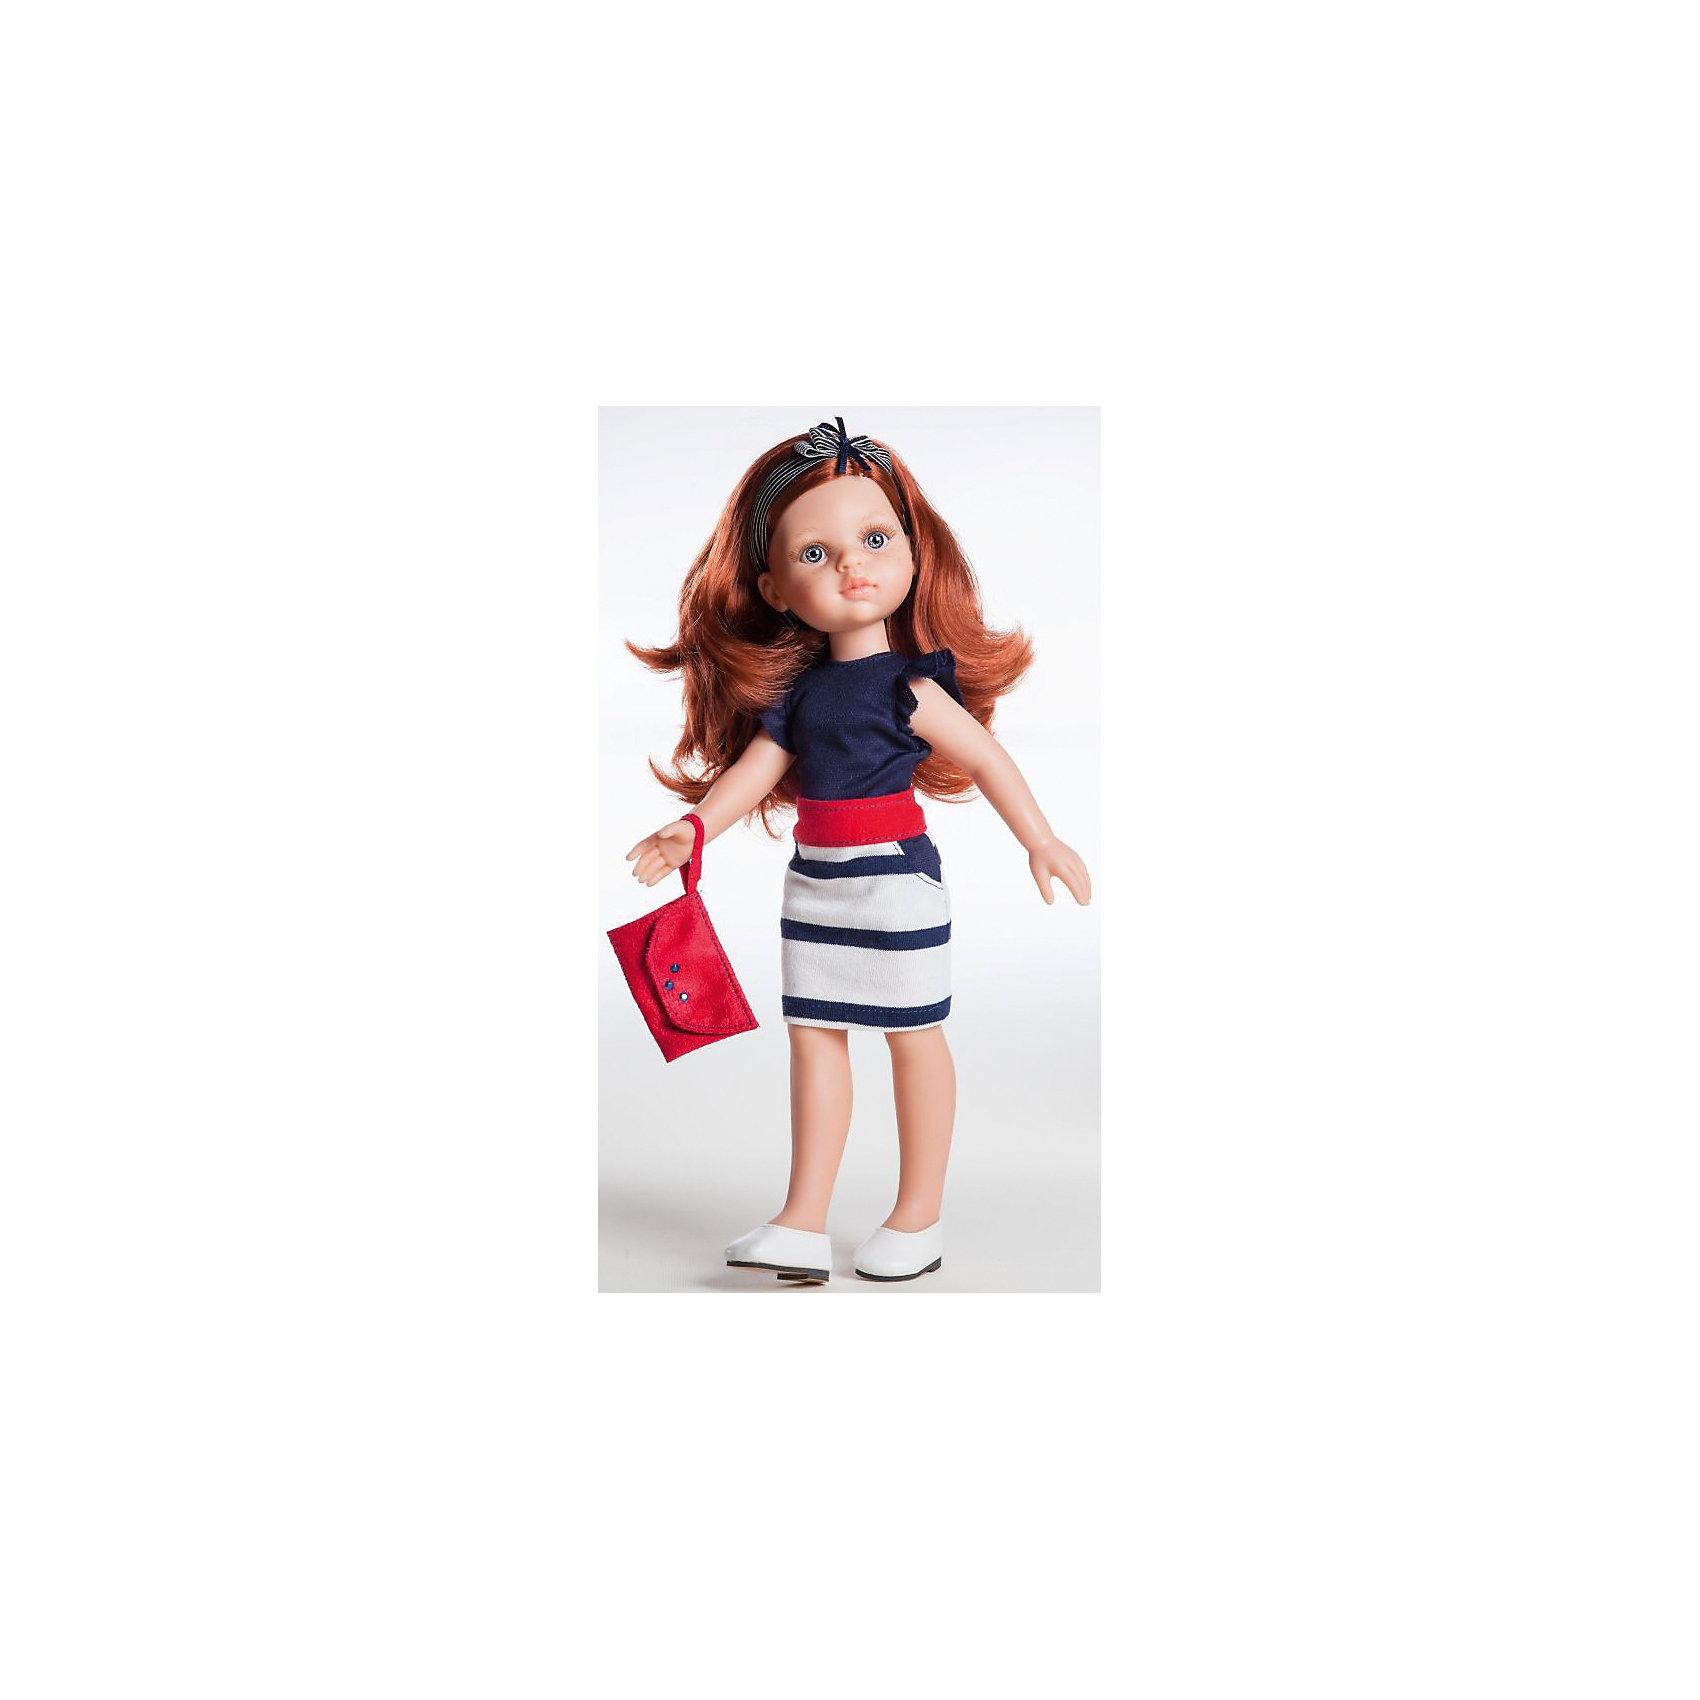 Кукла Кристи, 32 смДевочки обожают играть в куклы. Это не только весело, но и помогает развить ключевые социальные навыки! Кукла Кристи с длинными волосами, которые можно расчесывать, приведет в восторг любую девочку! Она сделана из высококачественного винила, одета в модный наряд. Её конечности подвижны,<br>а губы, щечки, веснушки и волосы – полностью ручная работа. Кукла приятно пахнет ванилью.<br>Эта кукла обязательно порадует ребенка! Он станет отличным подарком и поможет девочке развивать свою фантазию и мелкую моторику. Игрушка сделана из качественных и безопасных для ребенка материалов.<br><br>Дополнительная информация:<br><br>цвет: разноцветный;<br>высота: 32 см;<br>вес: 667 г;<br>комплектация: кукла, одежда, аксессуары;<br>материал: винил.<br><br>Куклу Кристи, 32 см можно купить в нашем магазине.<br><br>Ширина мм: 11<br>Глубина мм: 23<br>Высота мм: 41<br>Вес г: 667<br>Возраст от месяцев: 36<br>Возраст до месяцев: 144<br>Пол: Женский<br>Возраст: Детский<br>SKU: 4918670